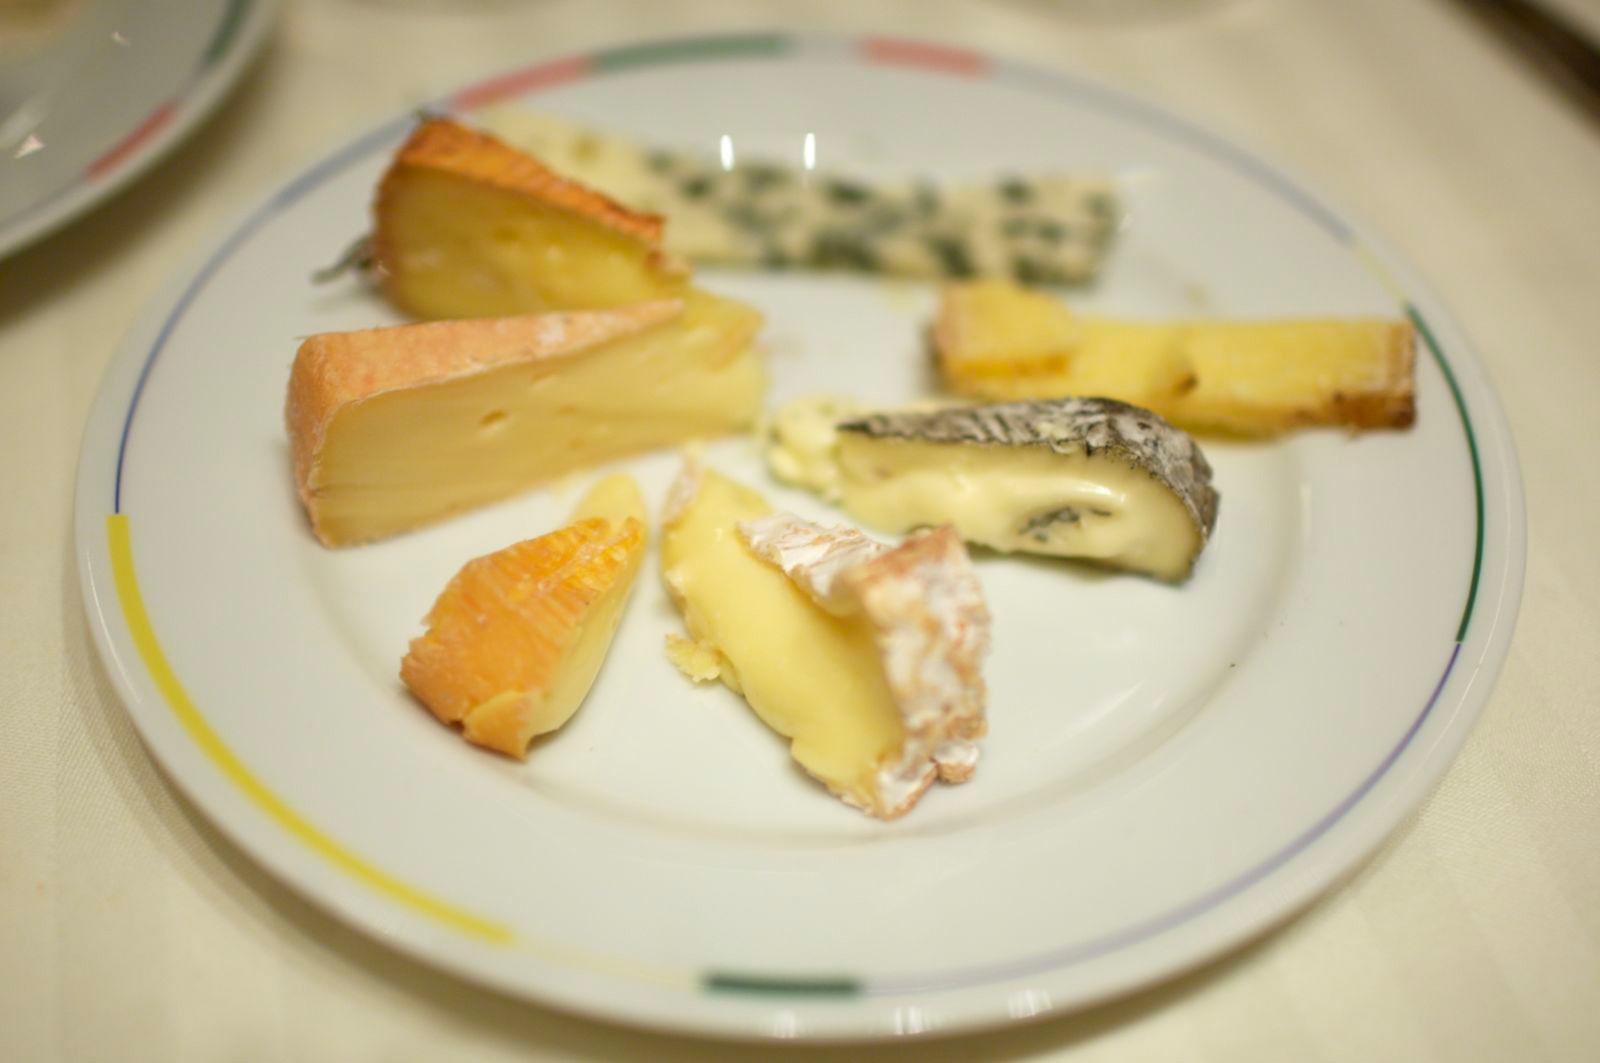 Fromages affinées - Les fromages de la vache